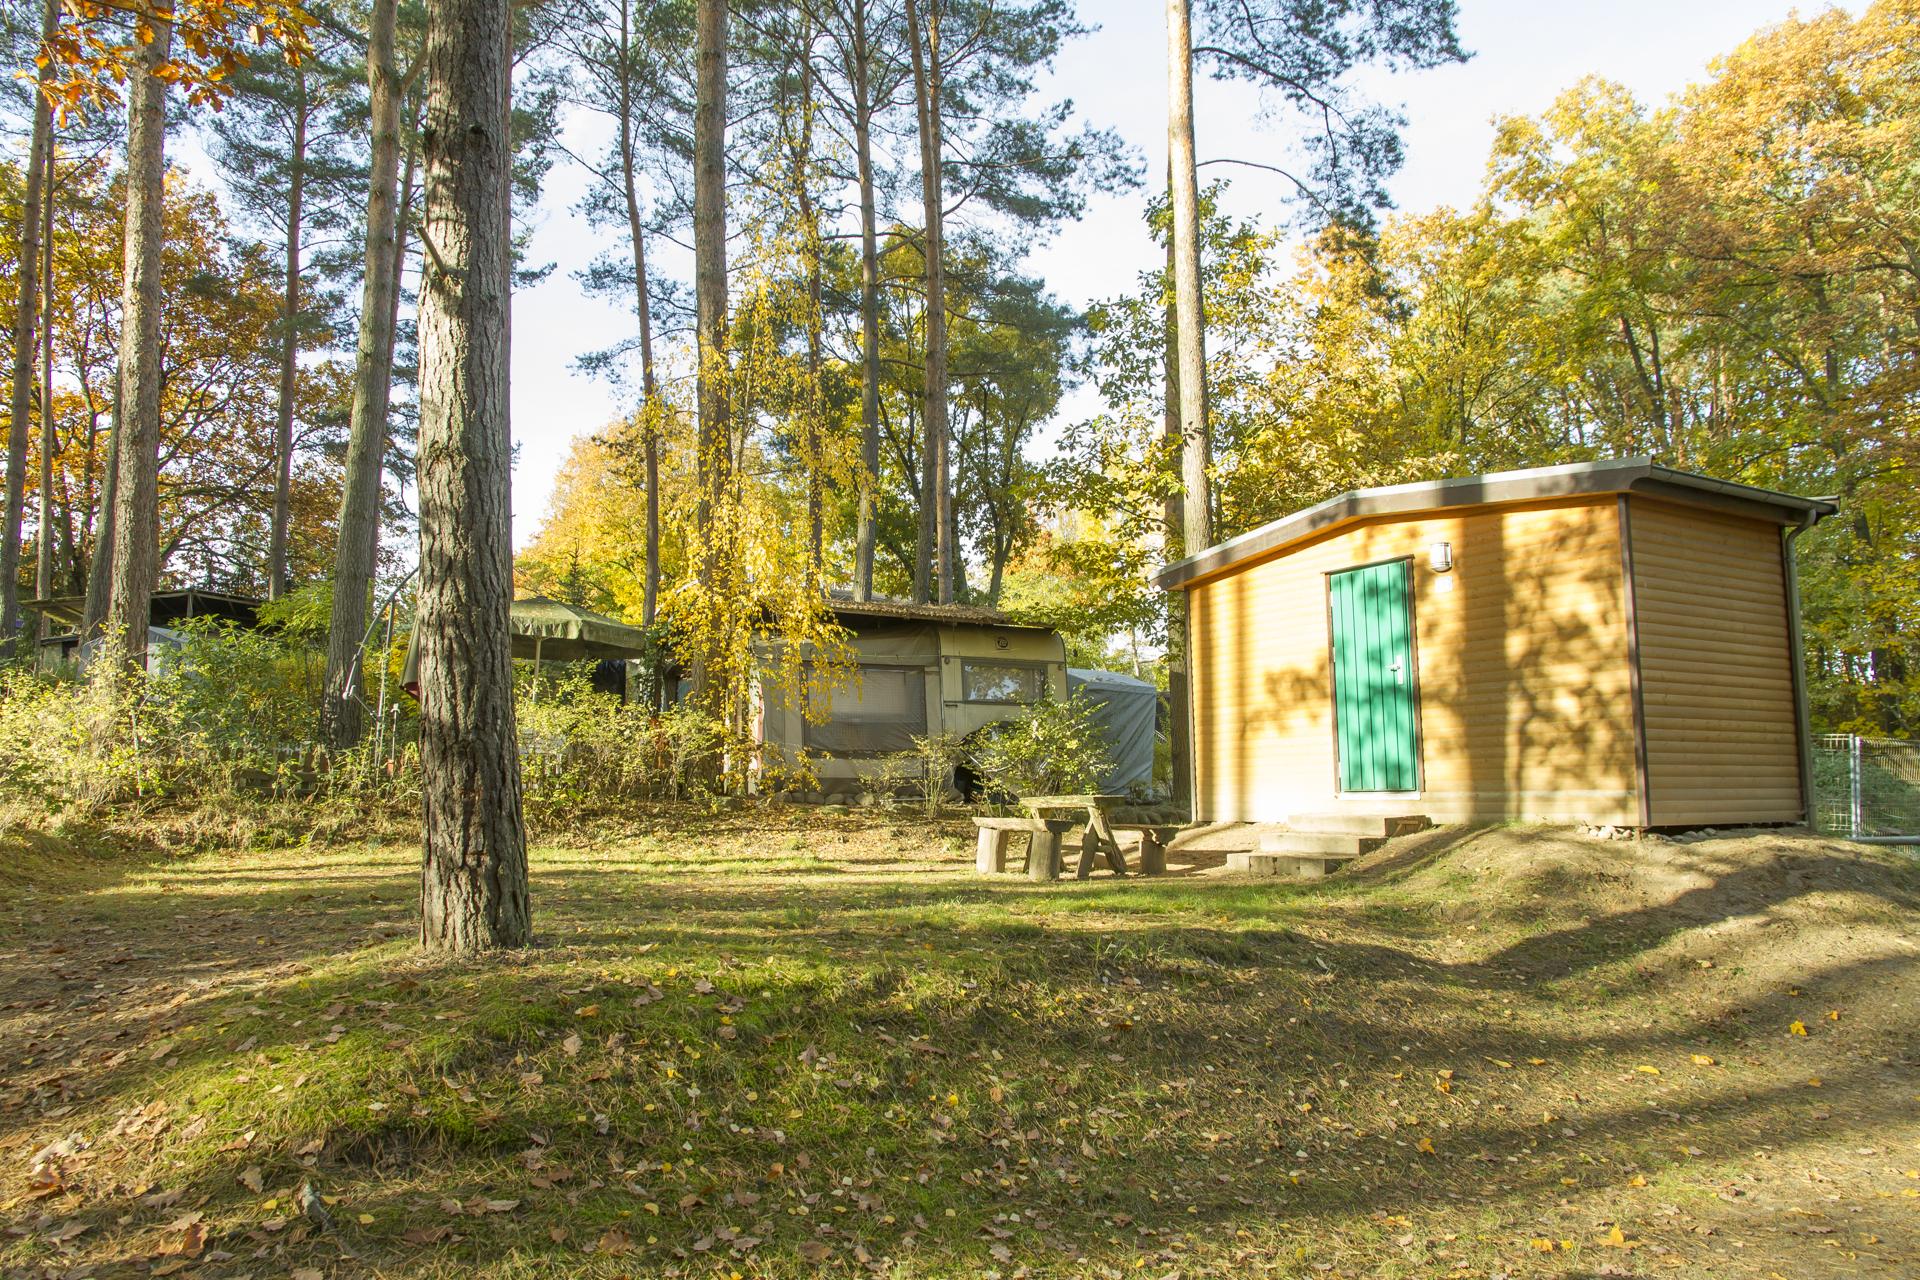 Campinghütte_MG_6985